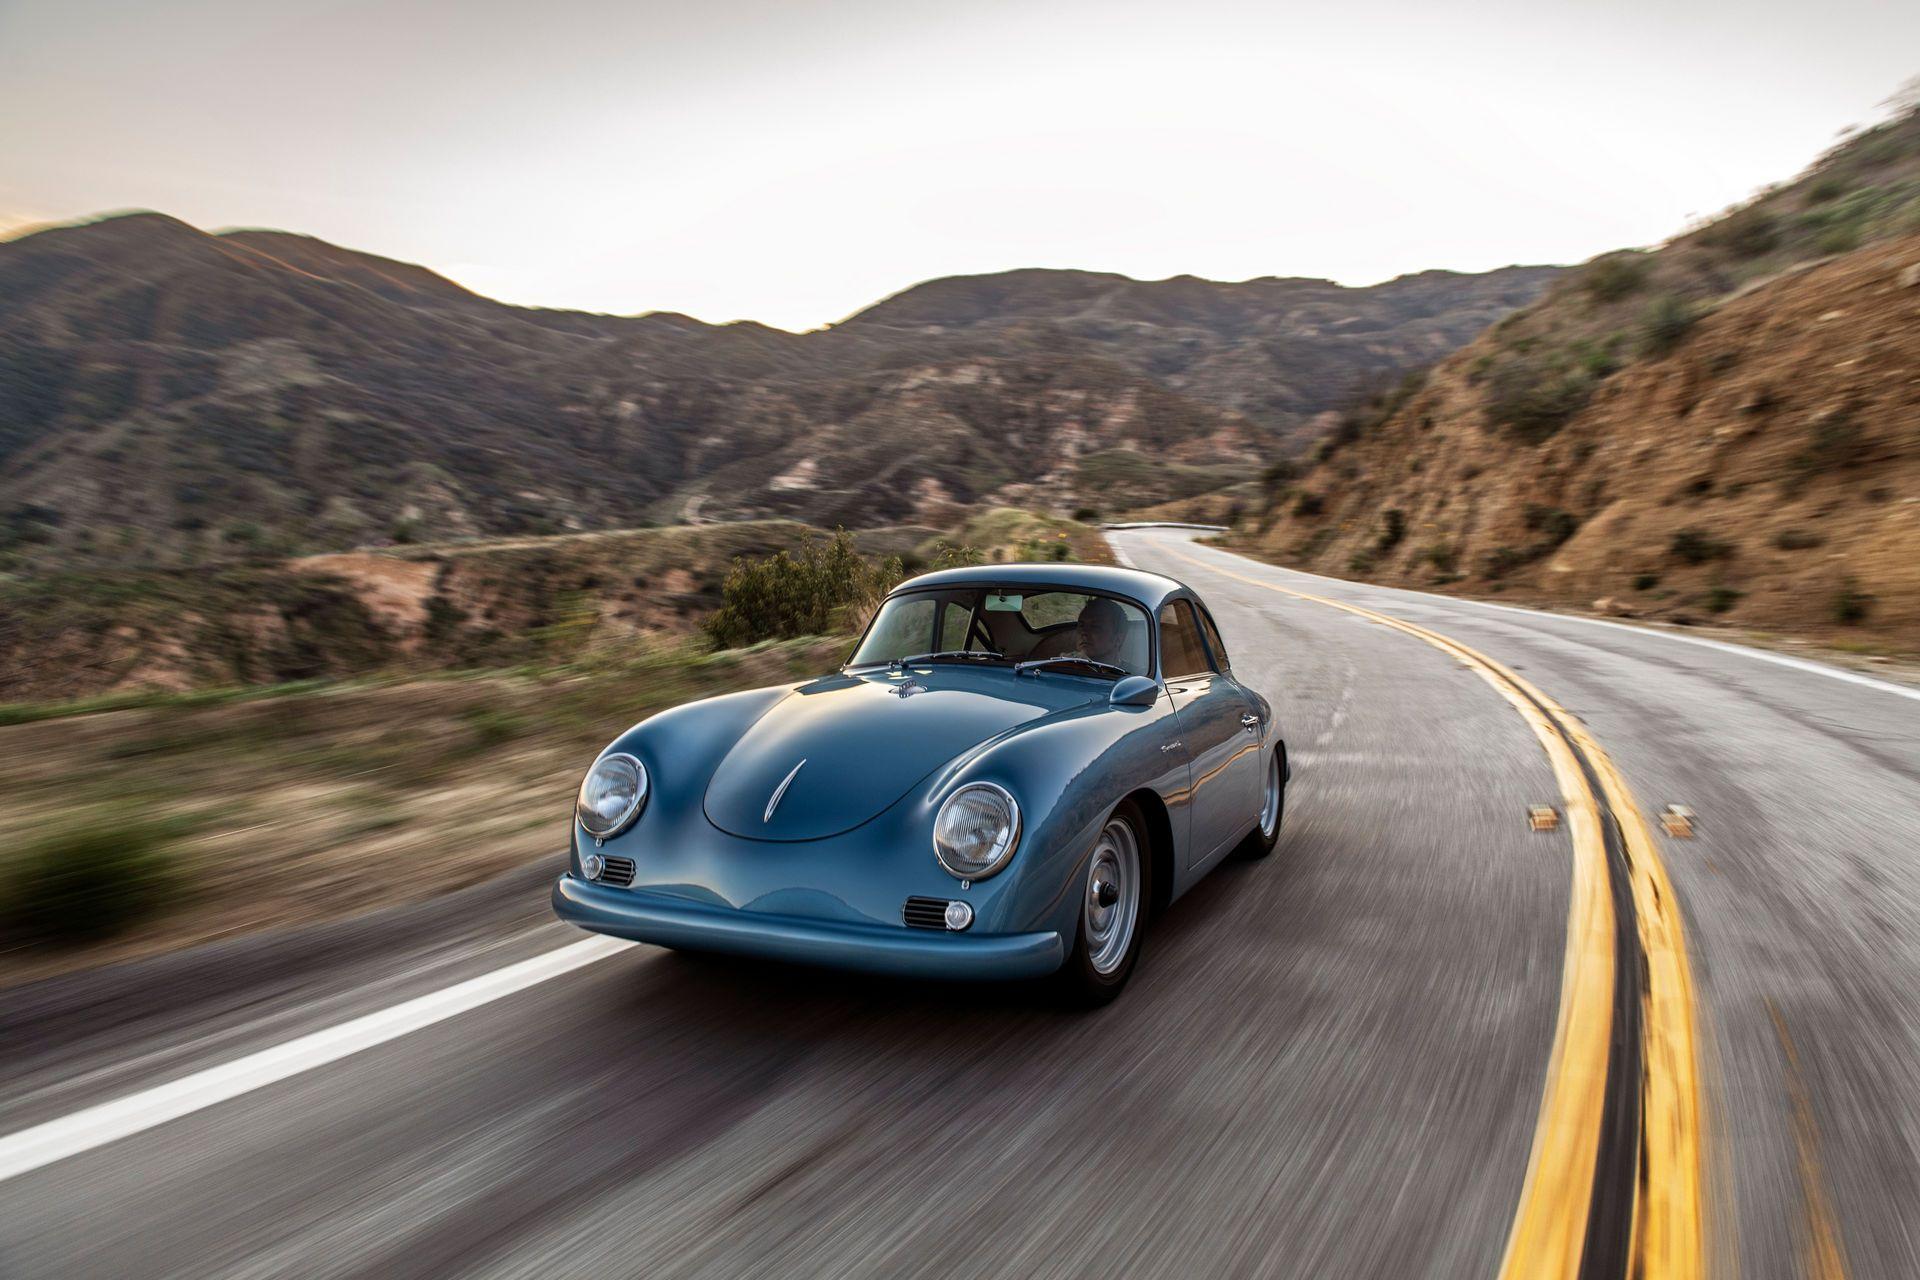 Porsche-356-A-Coupe-Restomod-Emory-Motorsports-29